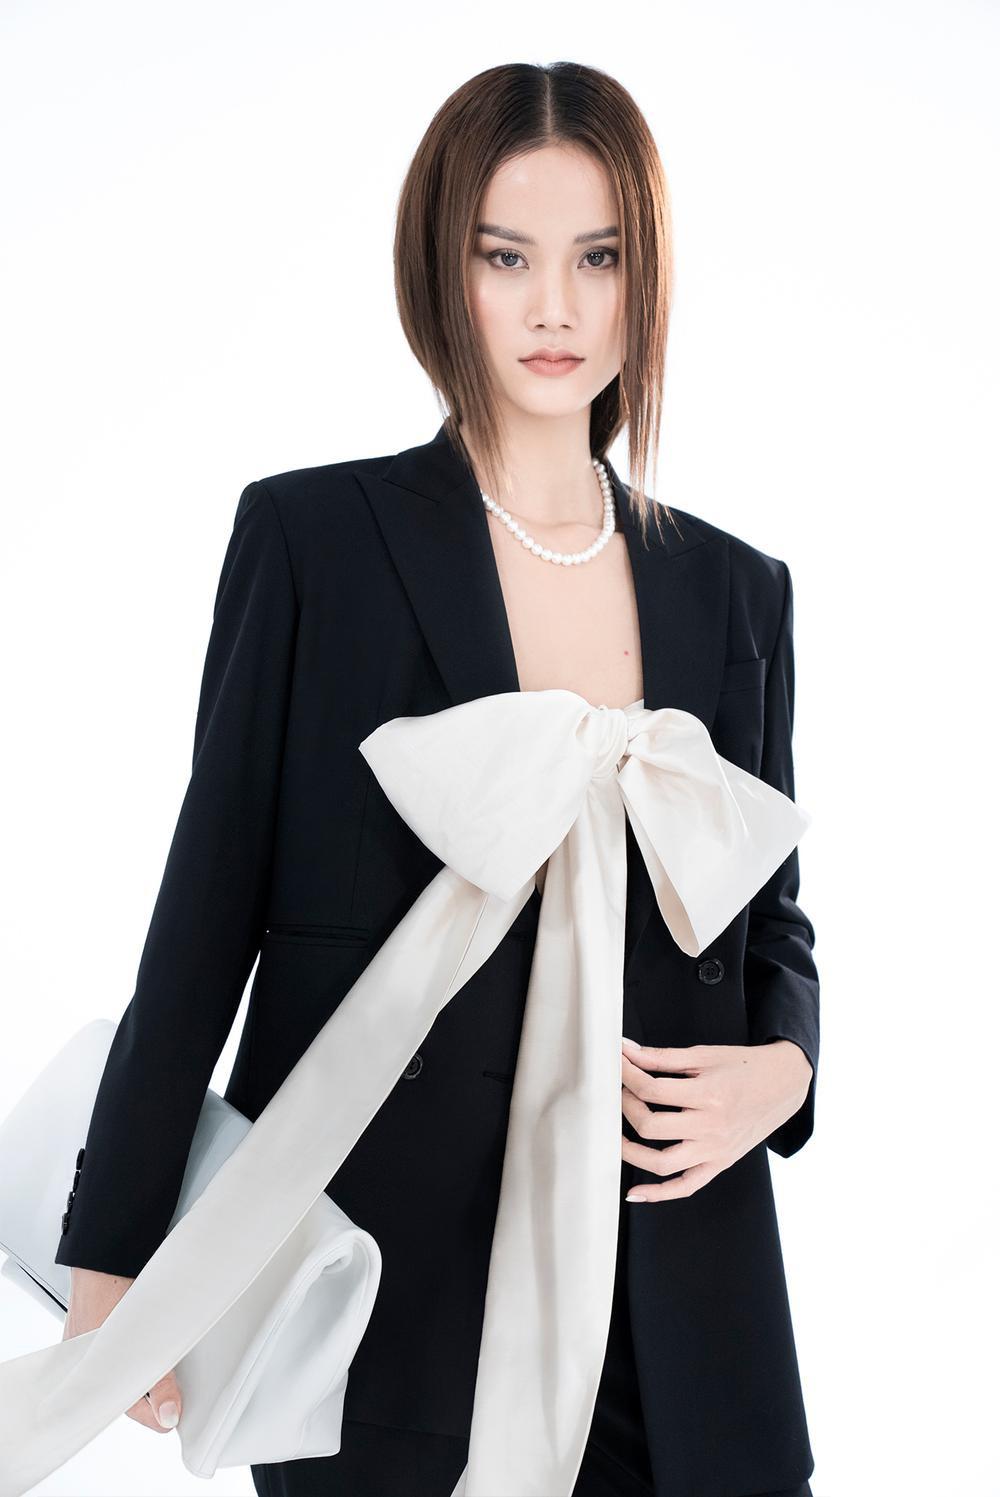 NTK Trần Hùng ra mắt BST tại London Fashion Week, chỉ dùng một người mẫu duy nhất Ảnh 14